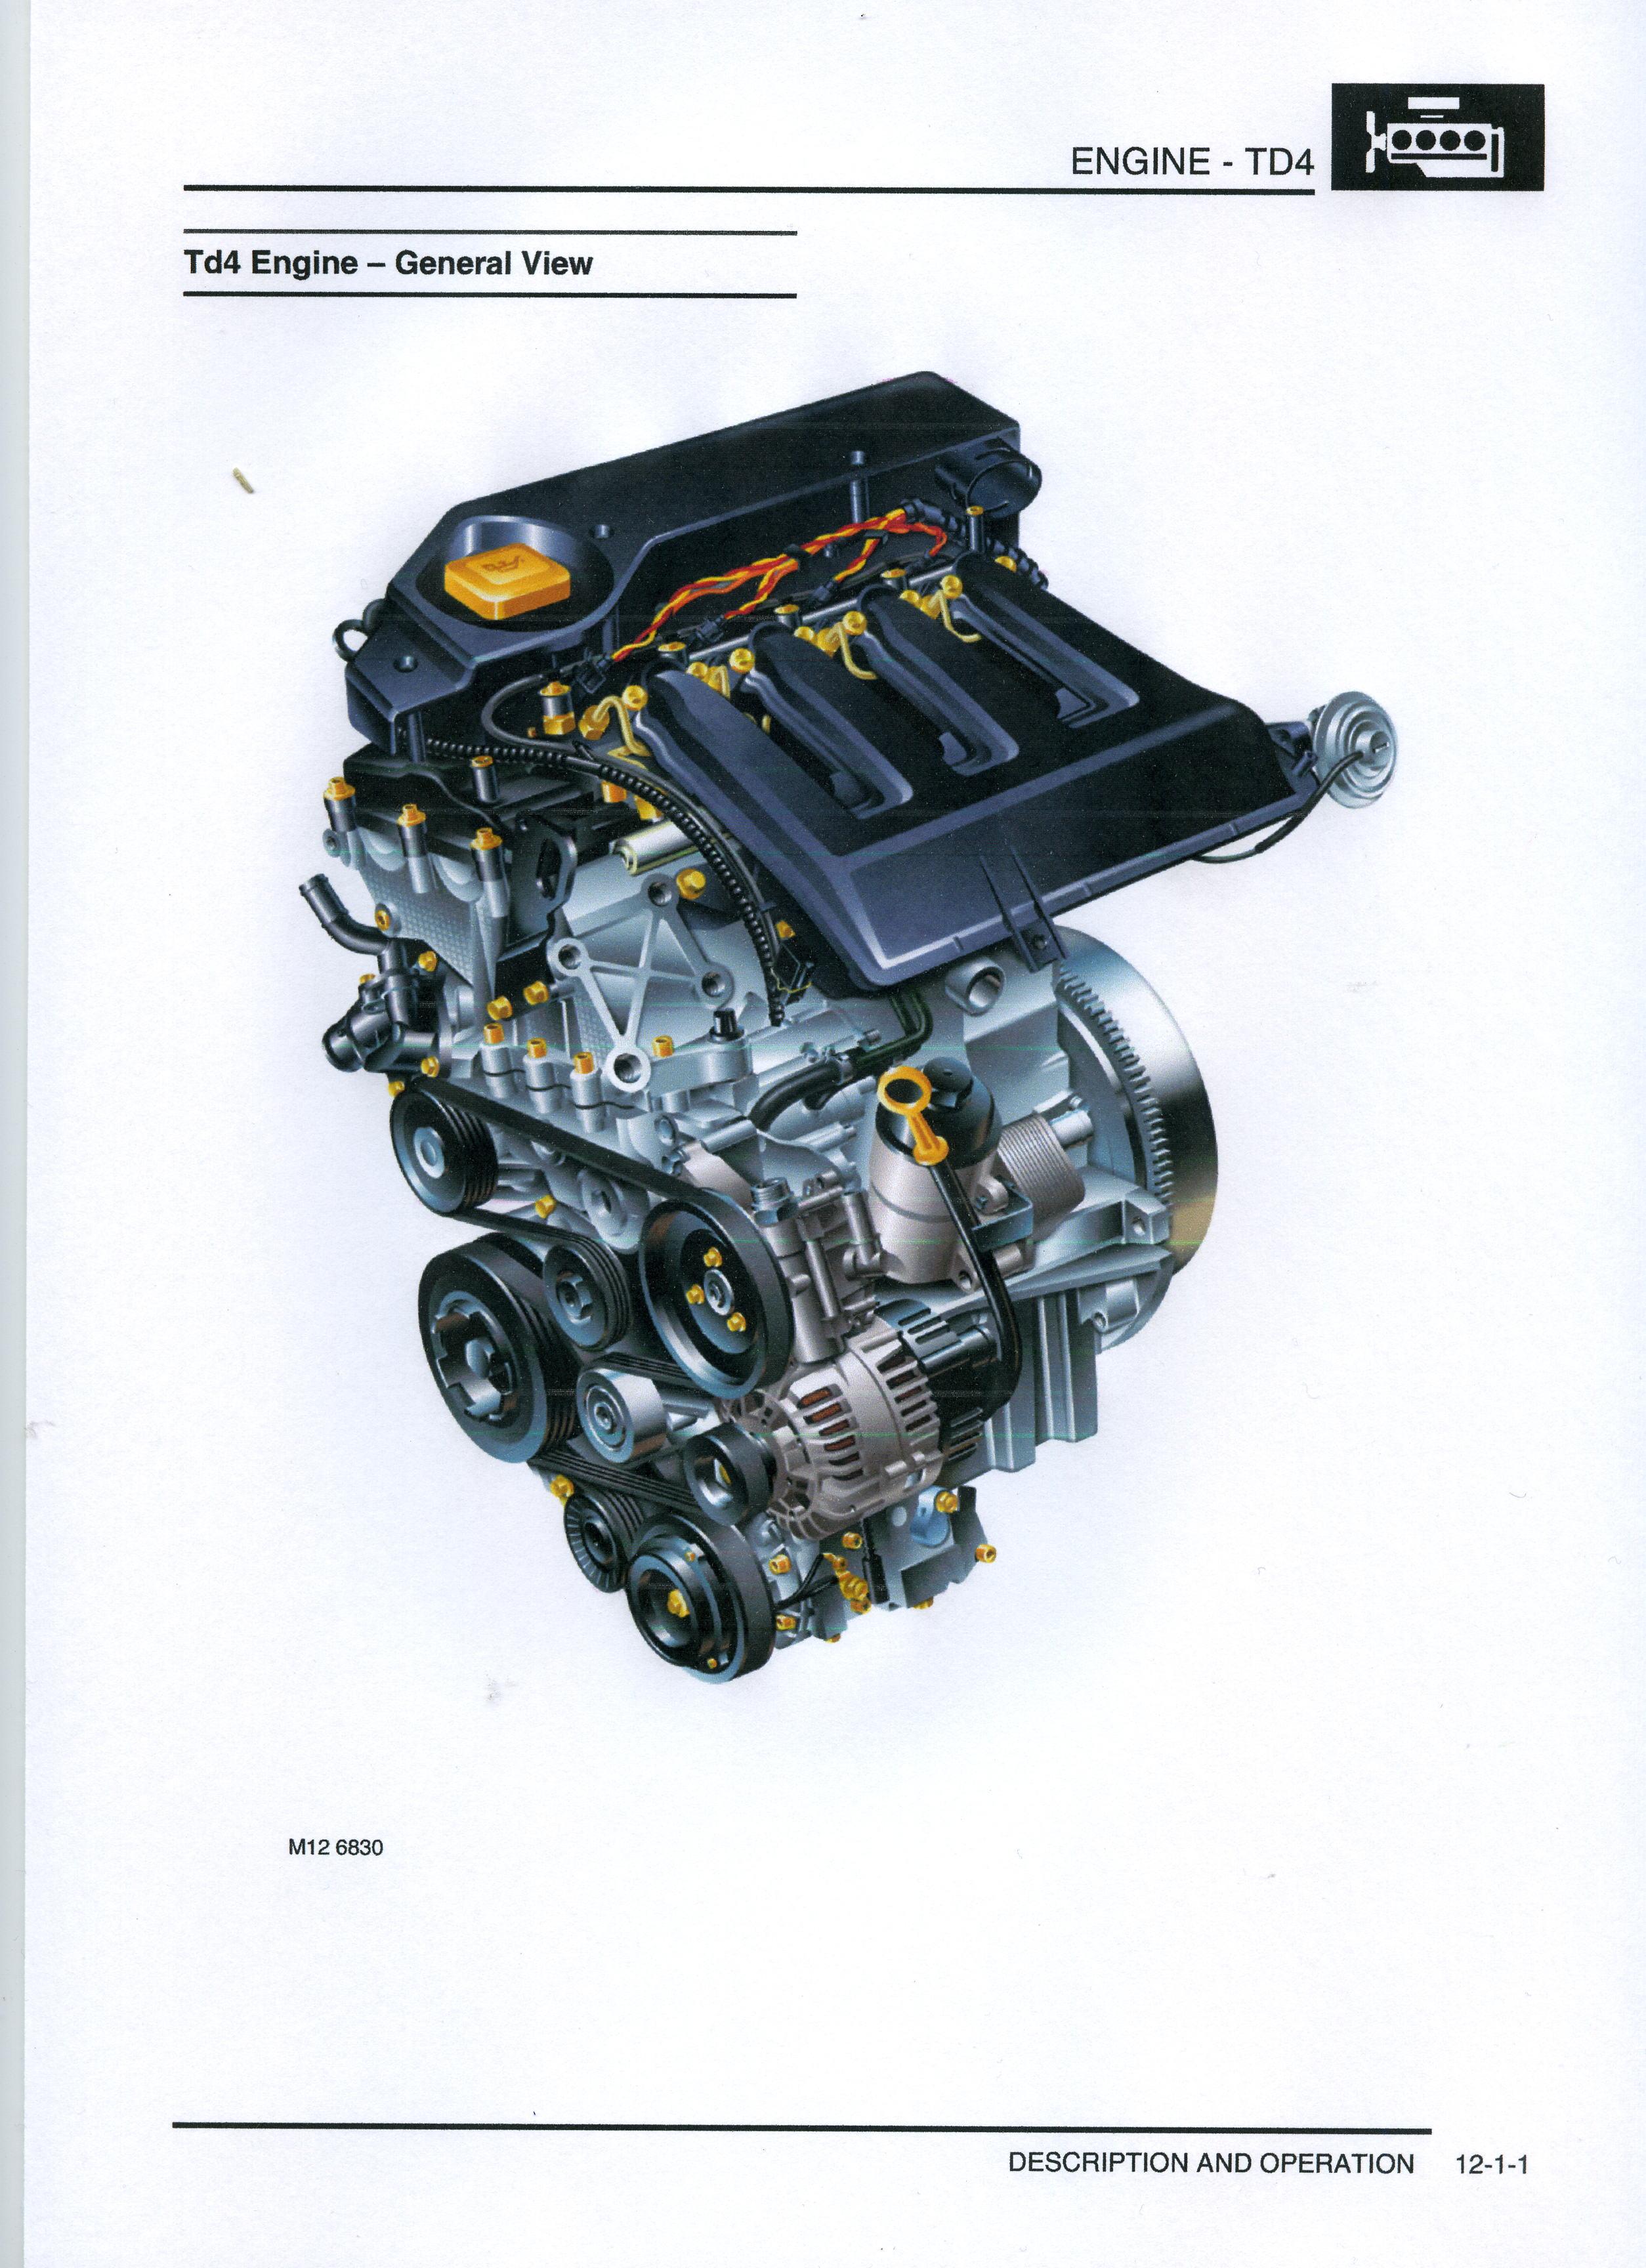 td4 fan belt - Freelander Forum - LR4x4 - The Land Rover ForumLR4x4